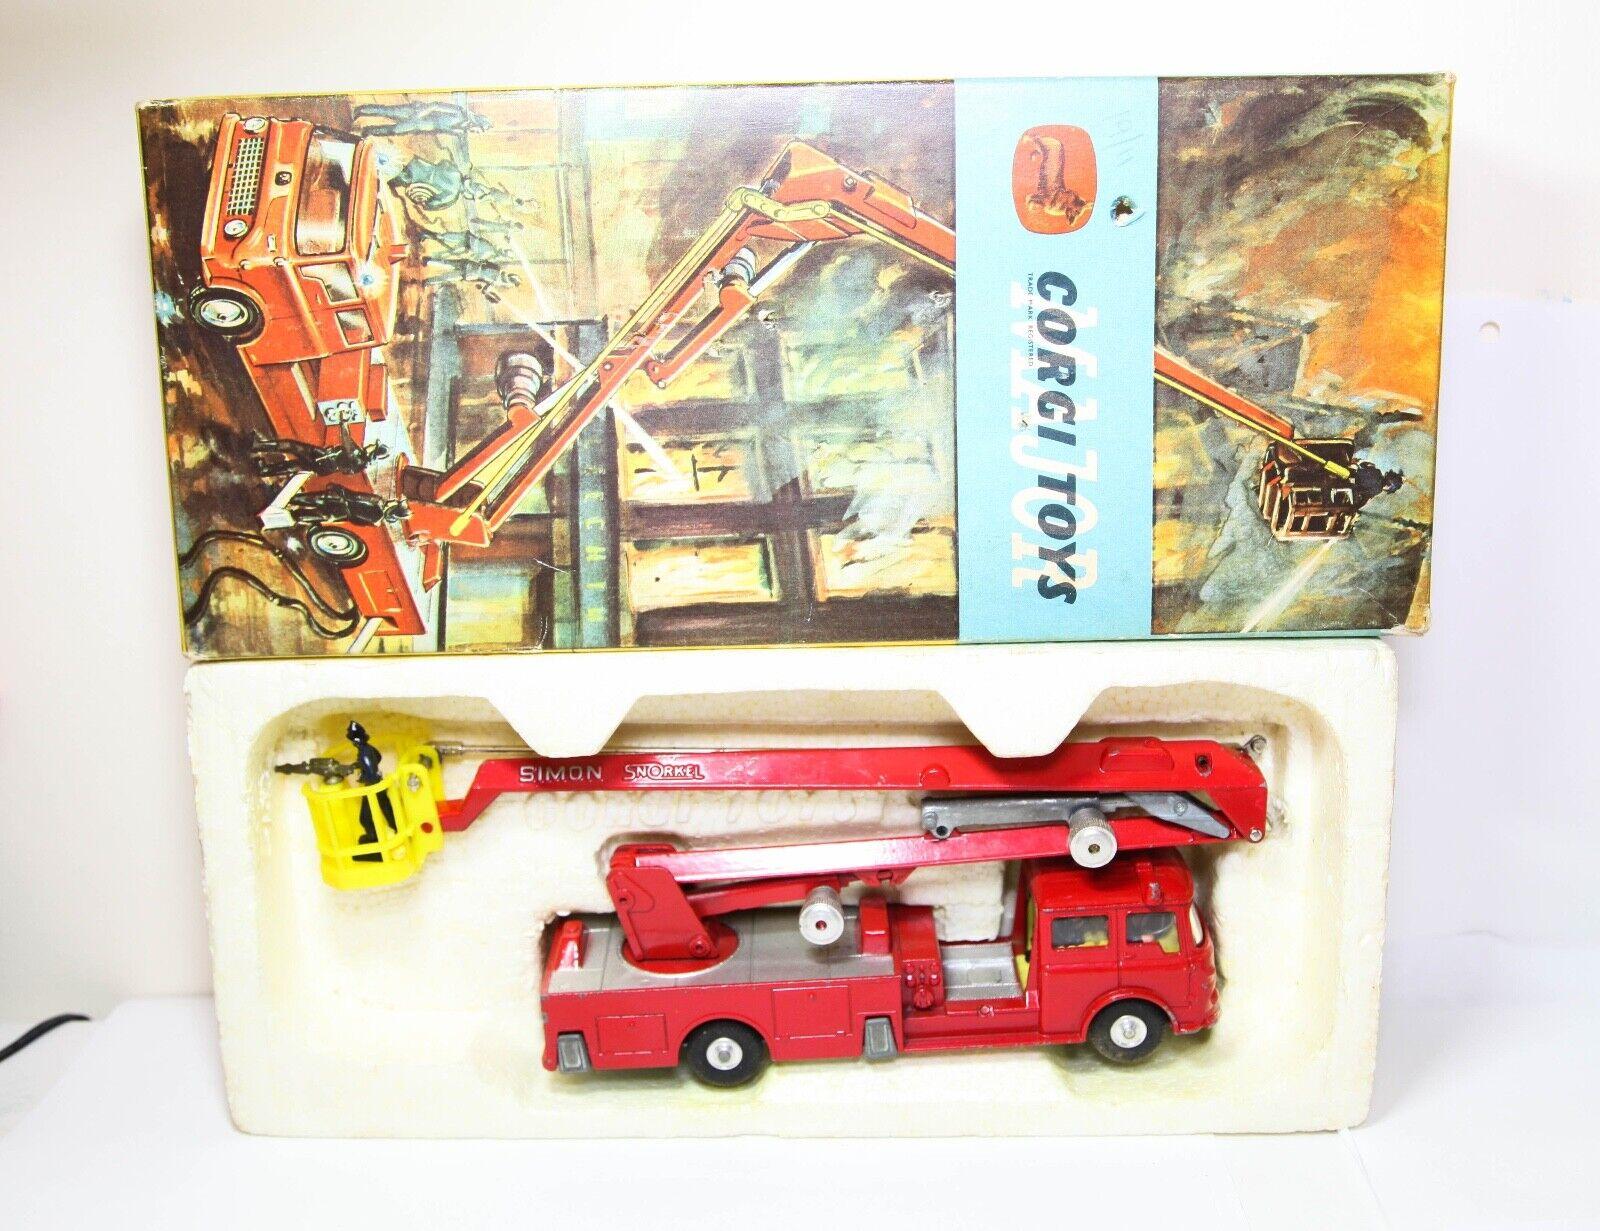 CORGI 1127 BEDFORD Simon Snorkel fire engine dans sa boîte  d'origine-Excellent  sortie d'usine